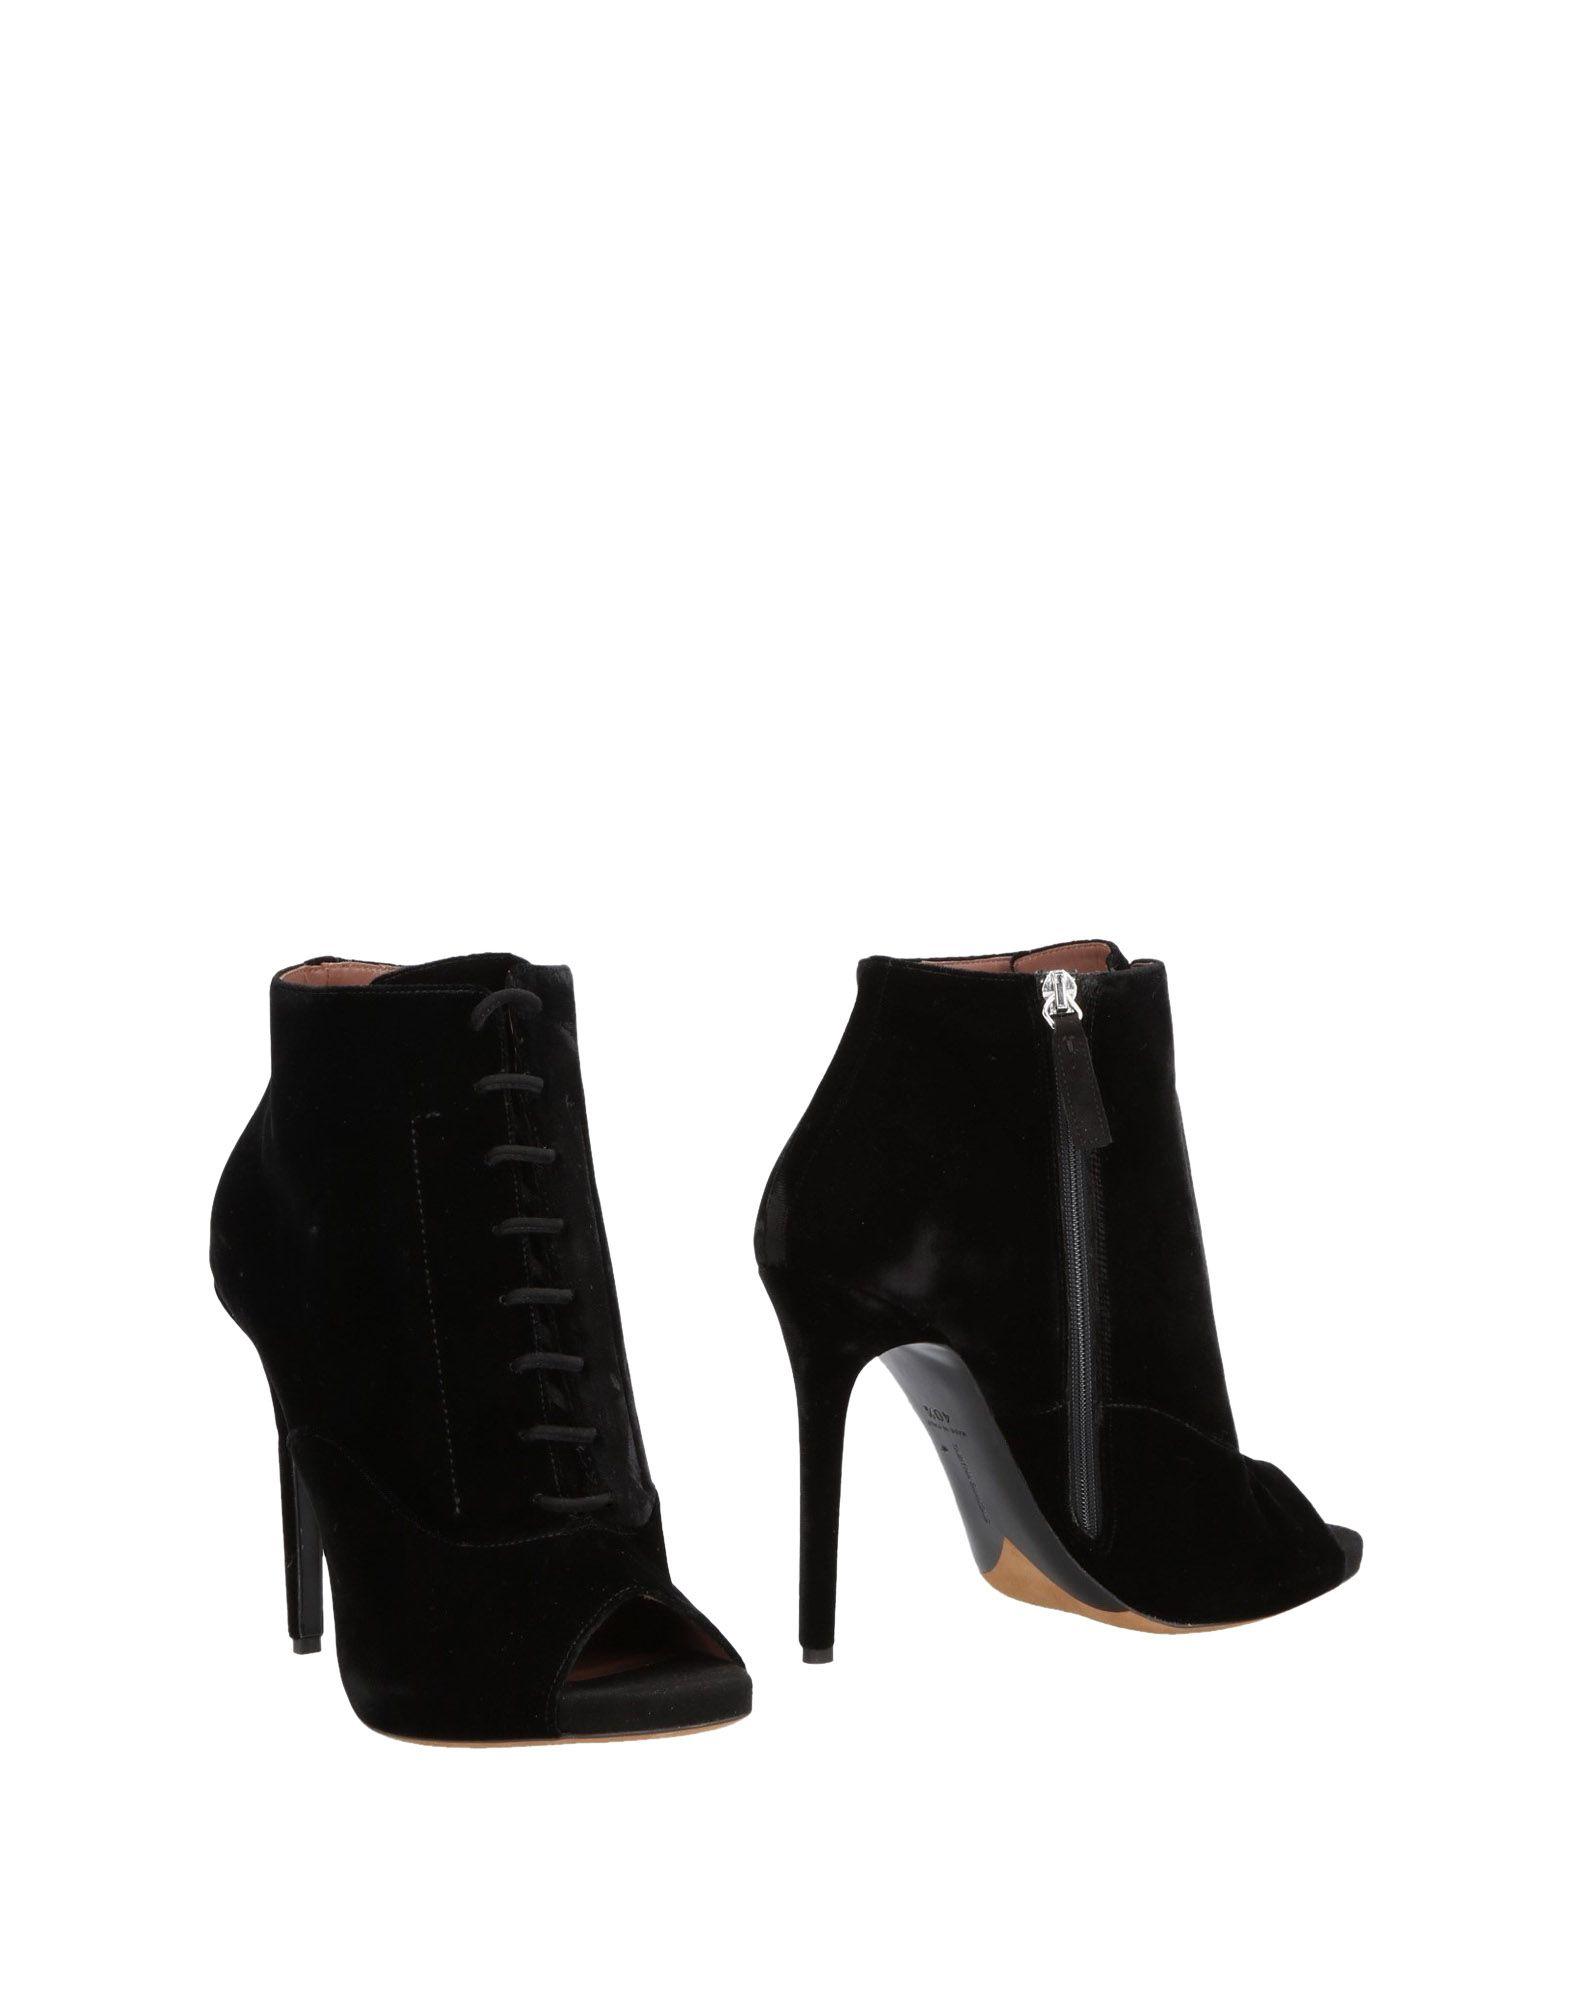 Tabitha Simmons Stiefelette 11447261FA Damen  11447261FA Stiefelette Neue Schuhe 79528e